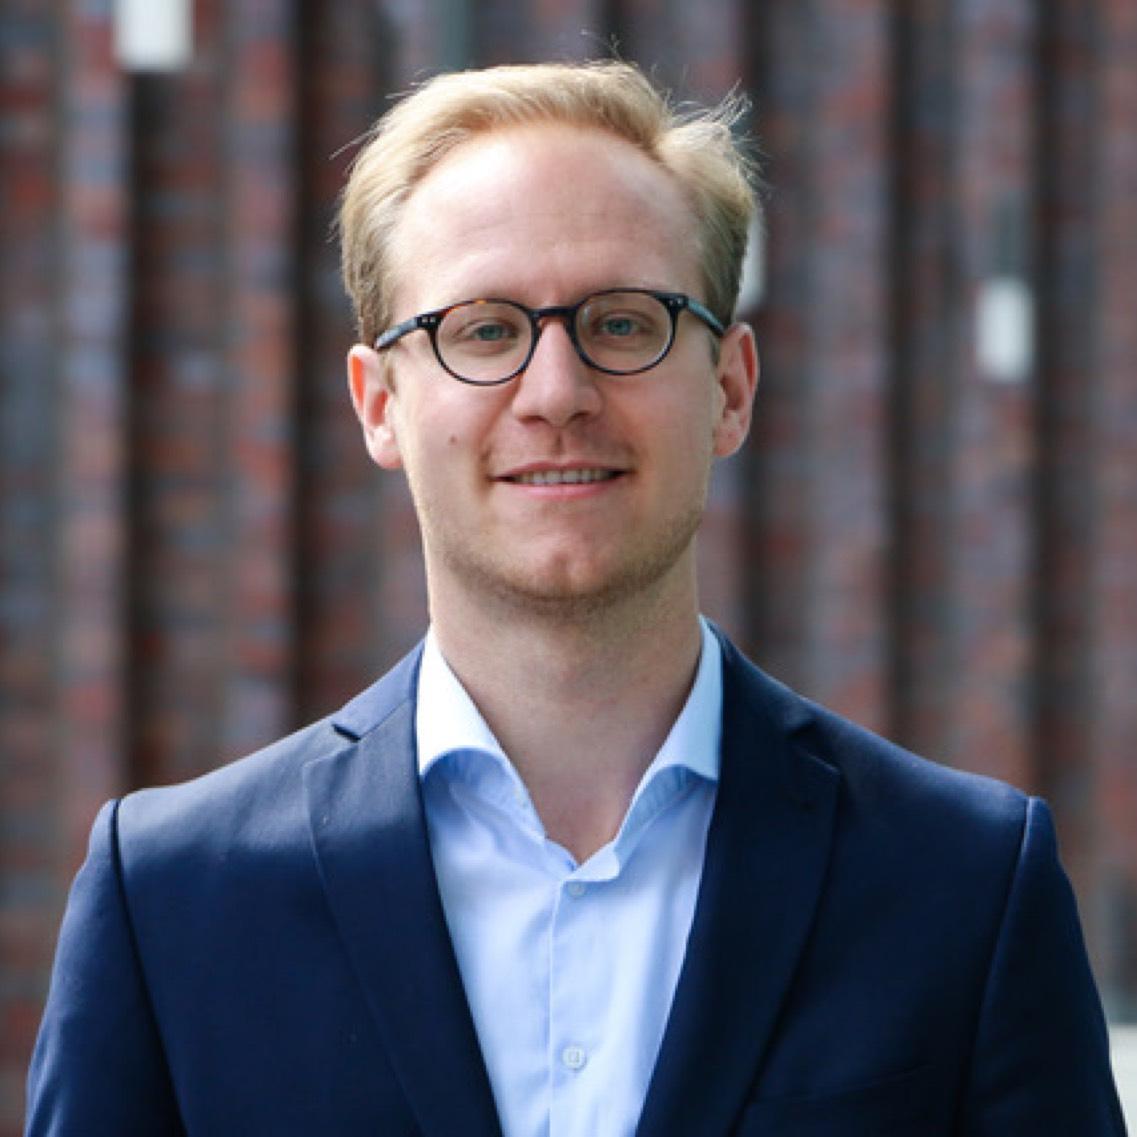 Marius Schoenenberg